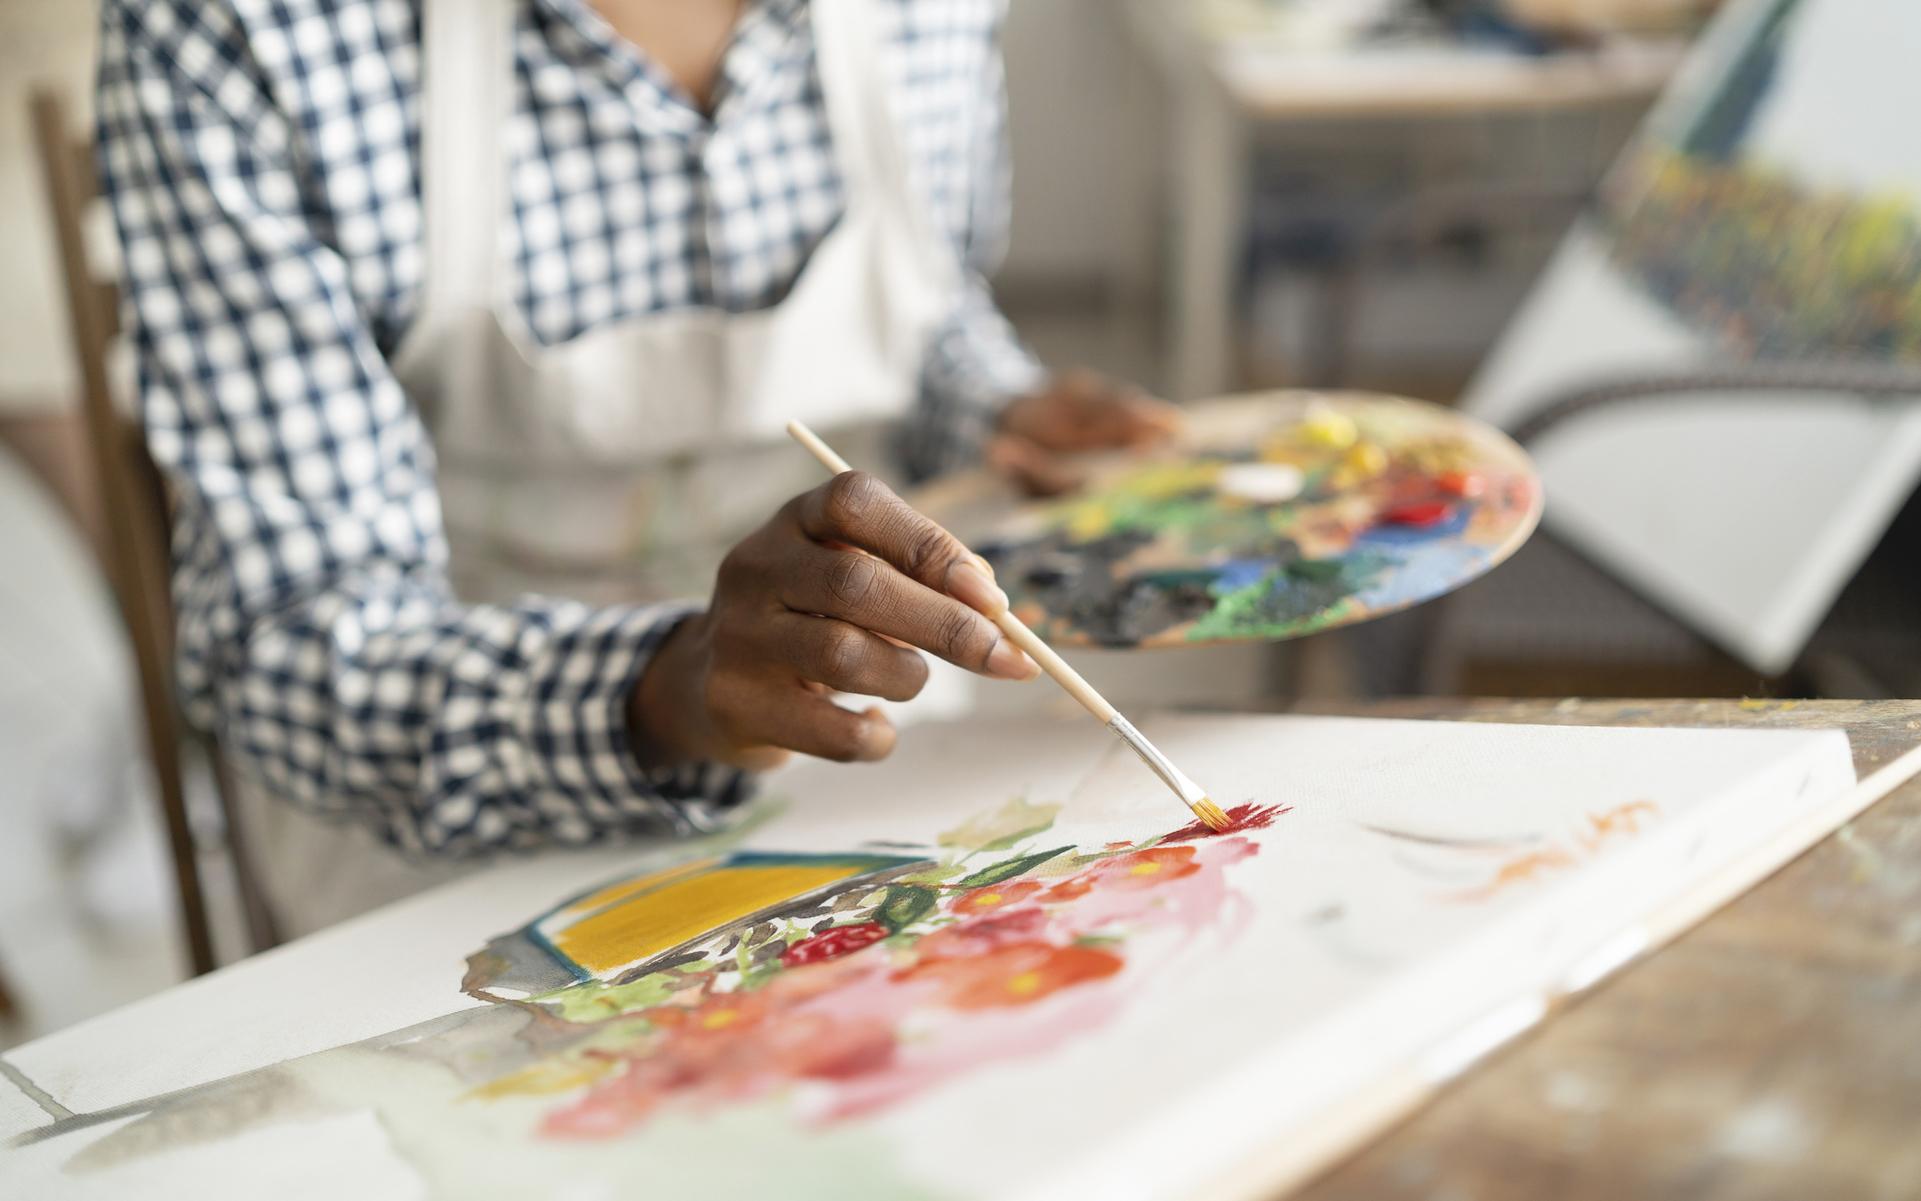 Female artist working in studio, drawing flowers.